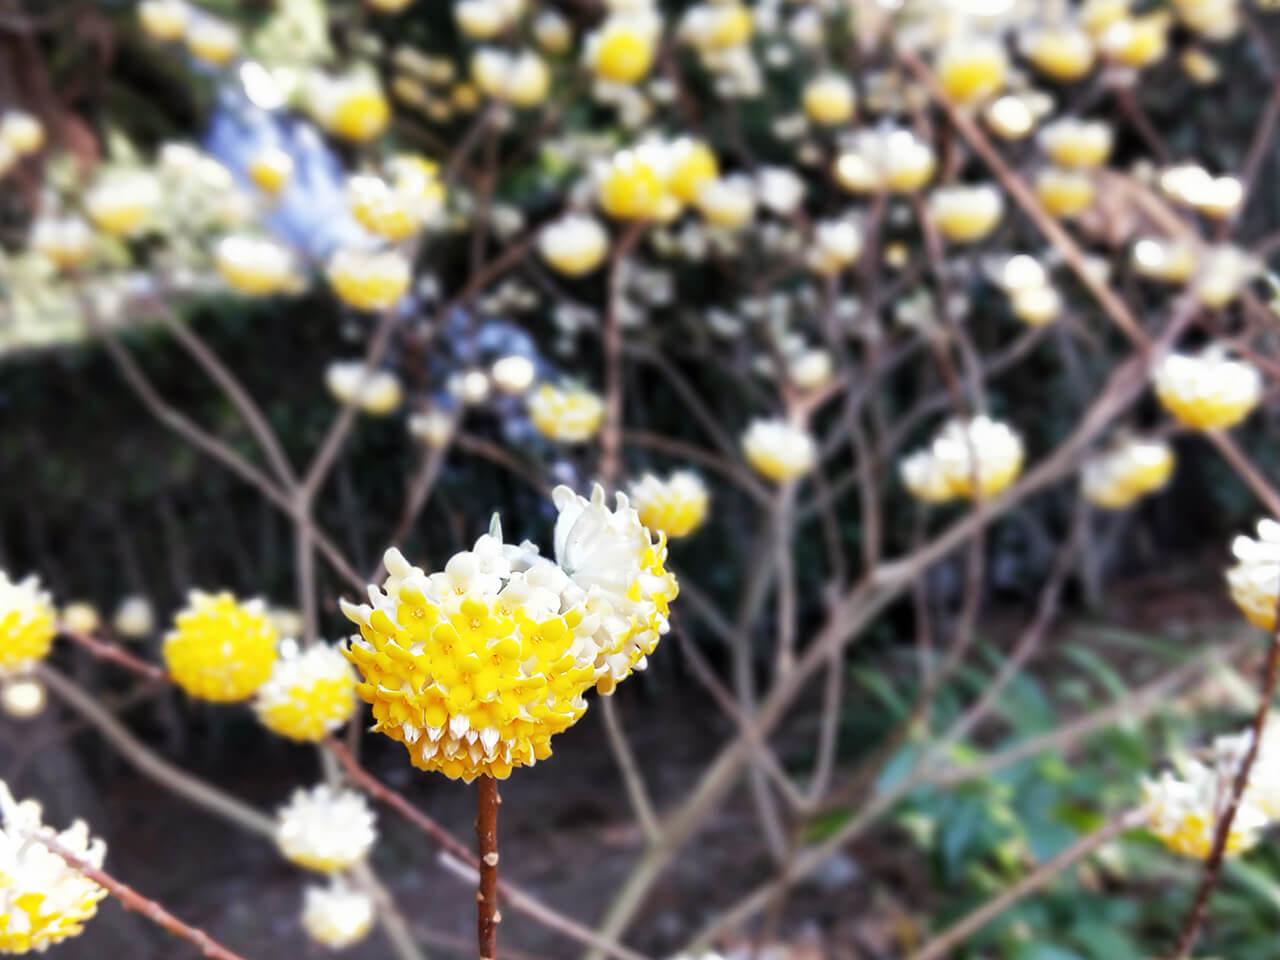 R11sで撮影した花の写真。ボケ方がまるで一眼レフ!流石F1.7のレンズ!